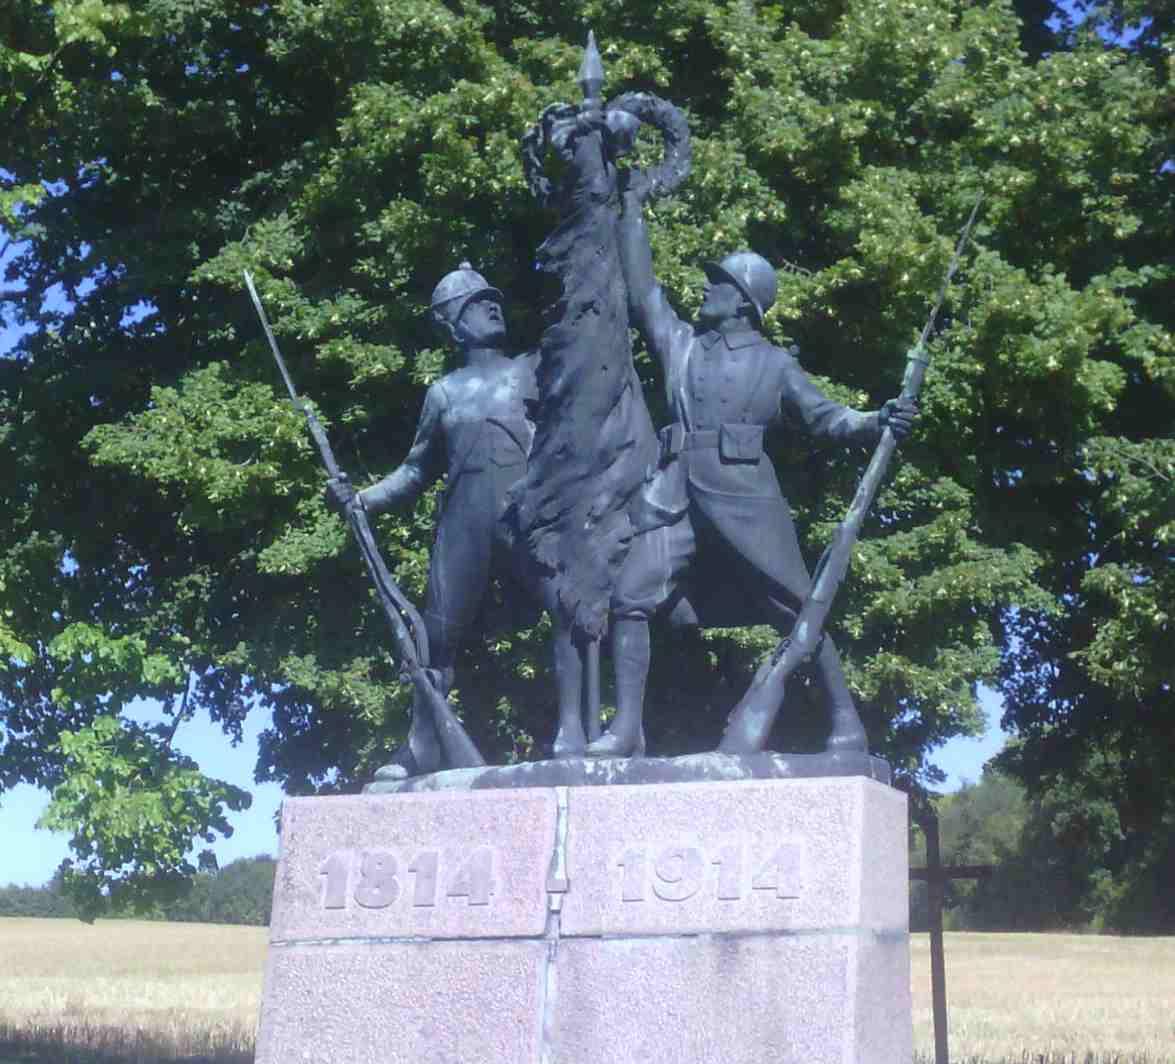 1814 and 1914 memorial